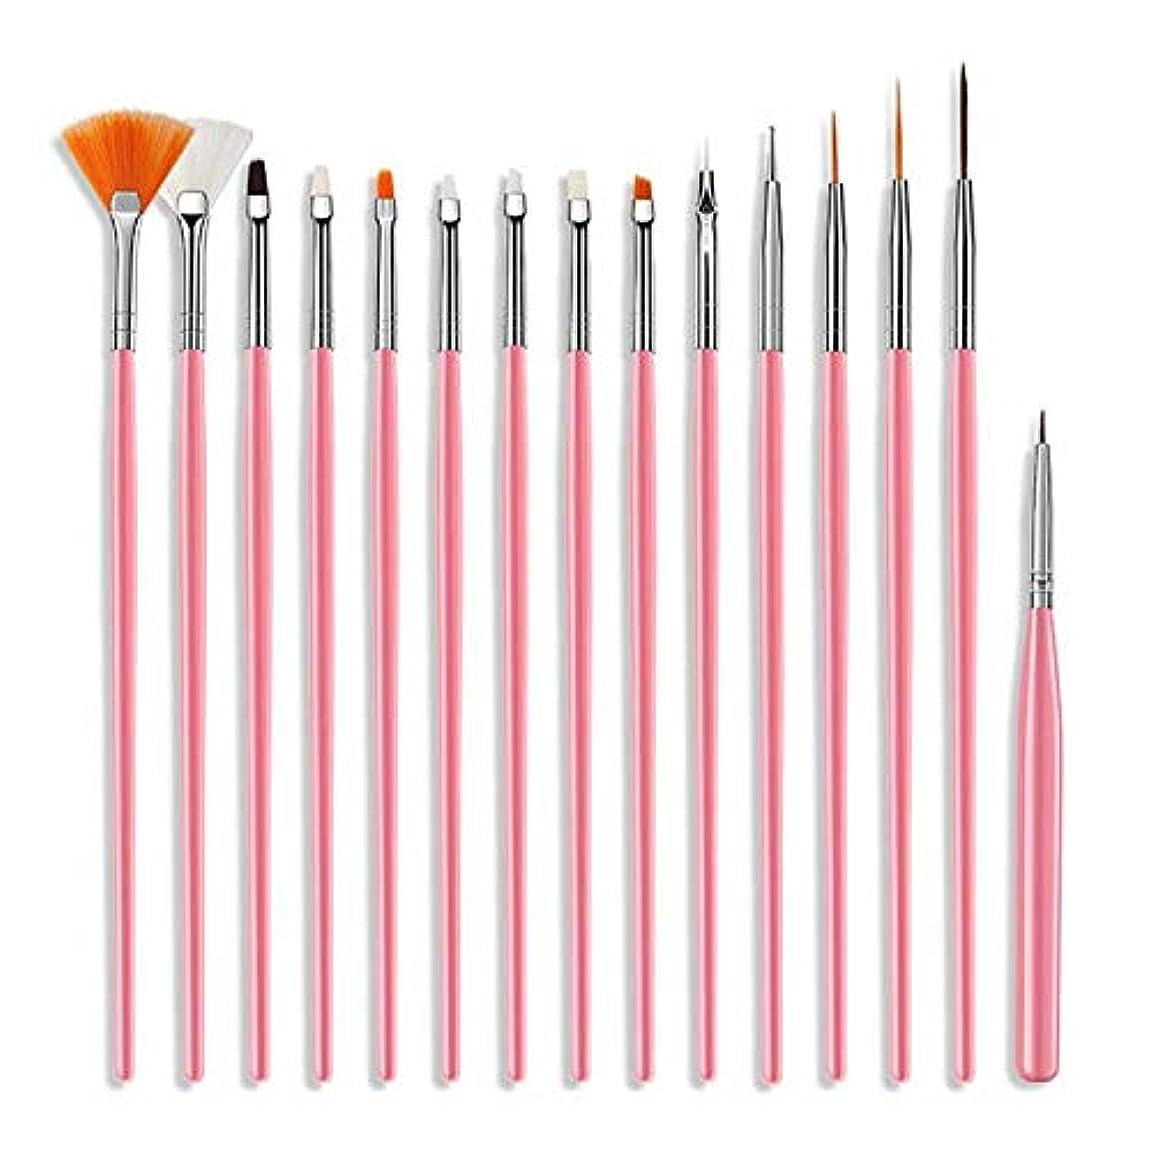 親密な交渉する構造ネイル 筆 ブラシ 15本セット ジェルネイル スカルプ ジェルブラシ デコ (ピンク)